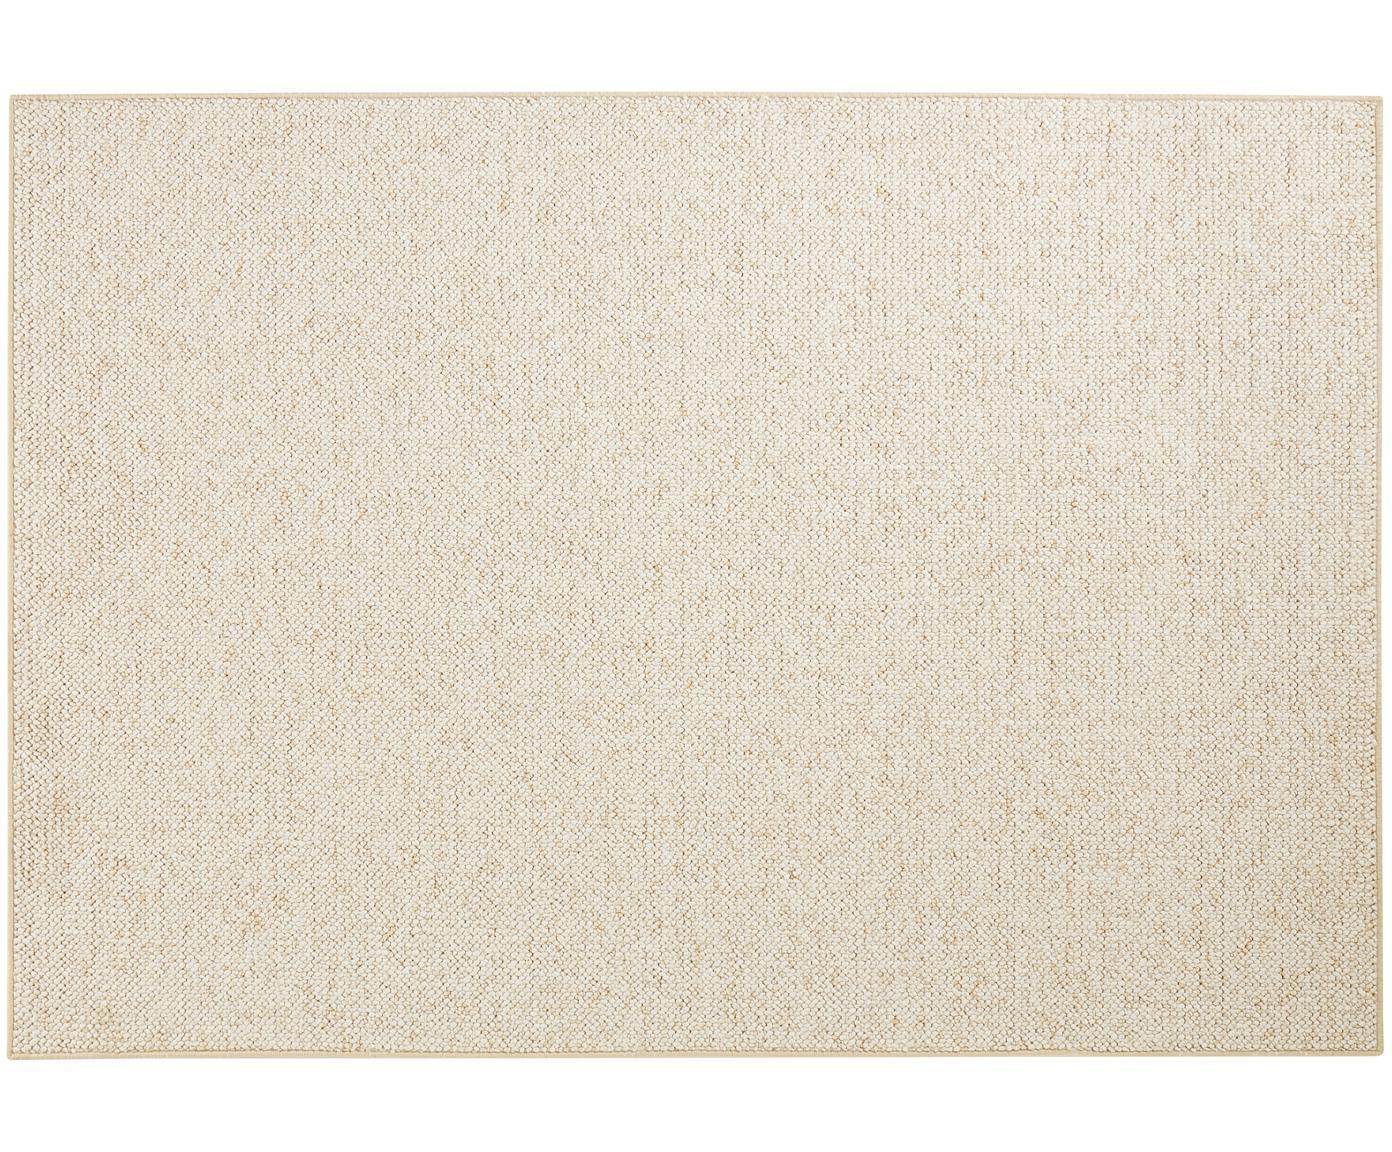 Alfombra redonda de tejido de bolitas Lyon, Parte superior: 100%polipropileno, Reverso: forro polar, Crema jaspeado, An 100 x L 140 cm (Tamaño XS)